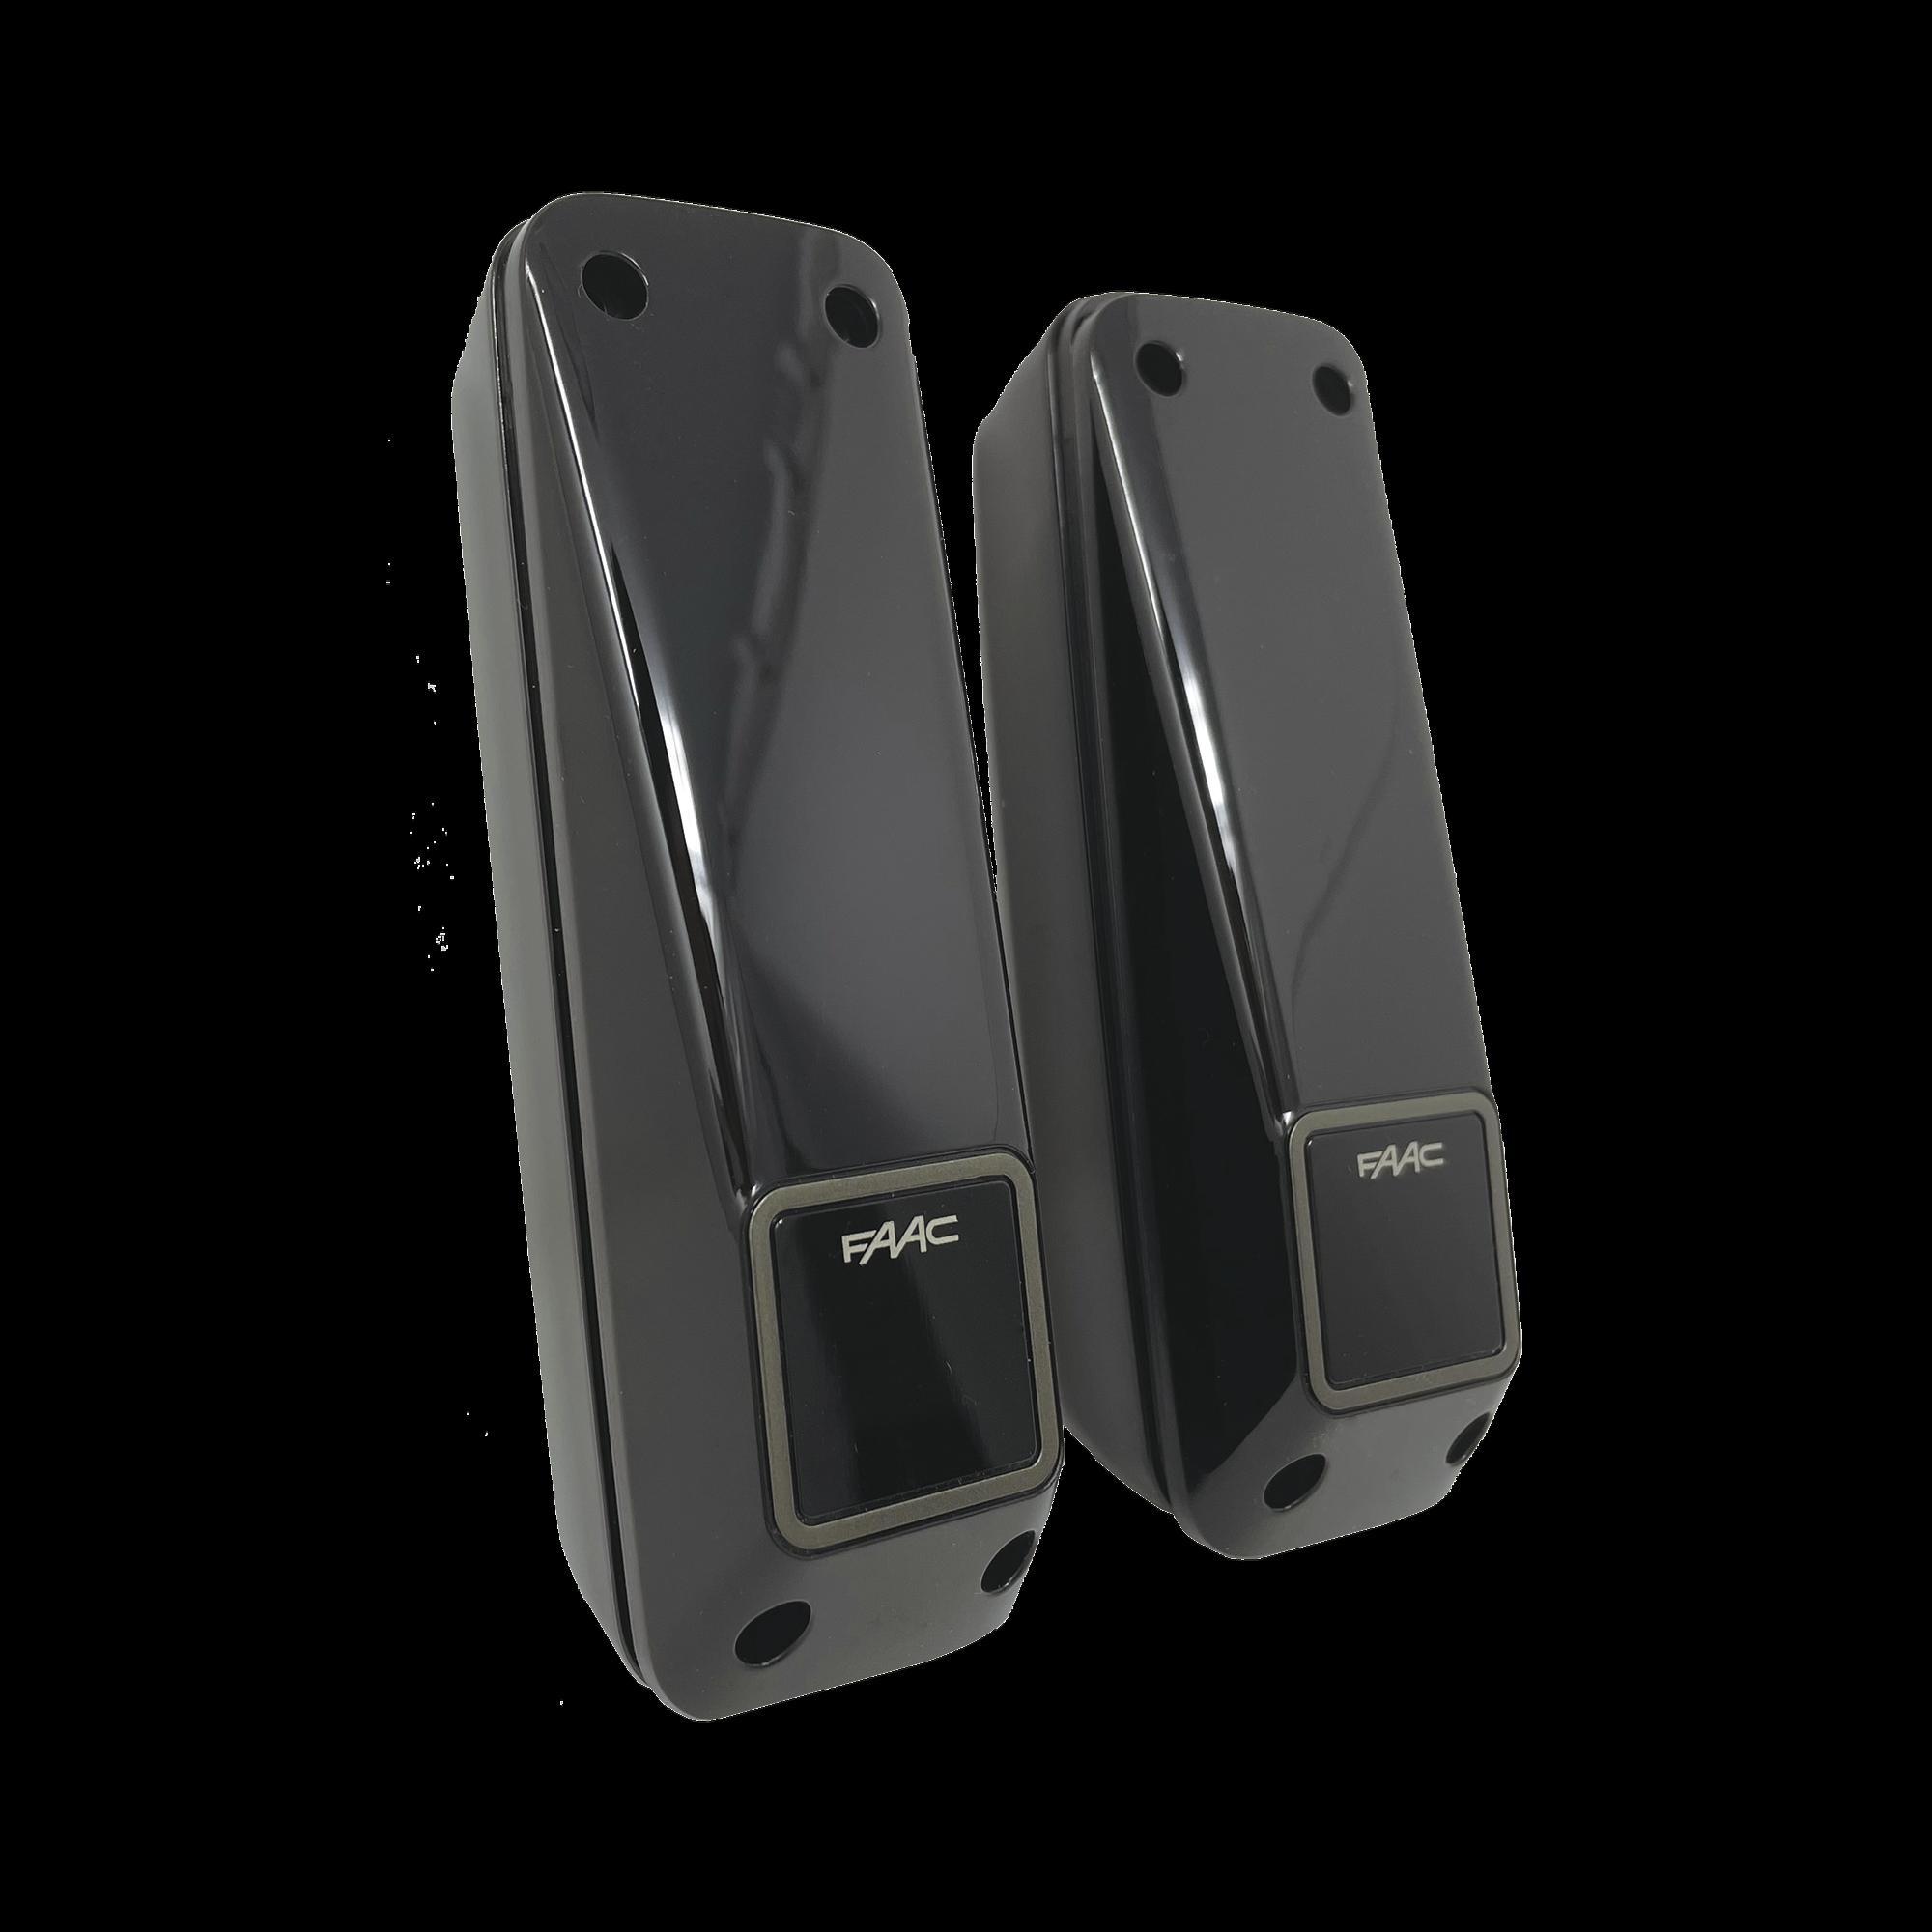 Fotocelda infrarroja XP20D (transmisor con receptor) / Alcance de hasta 20 metros / Uso en barreras y motores de acceso vehicular